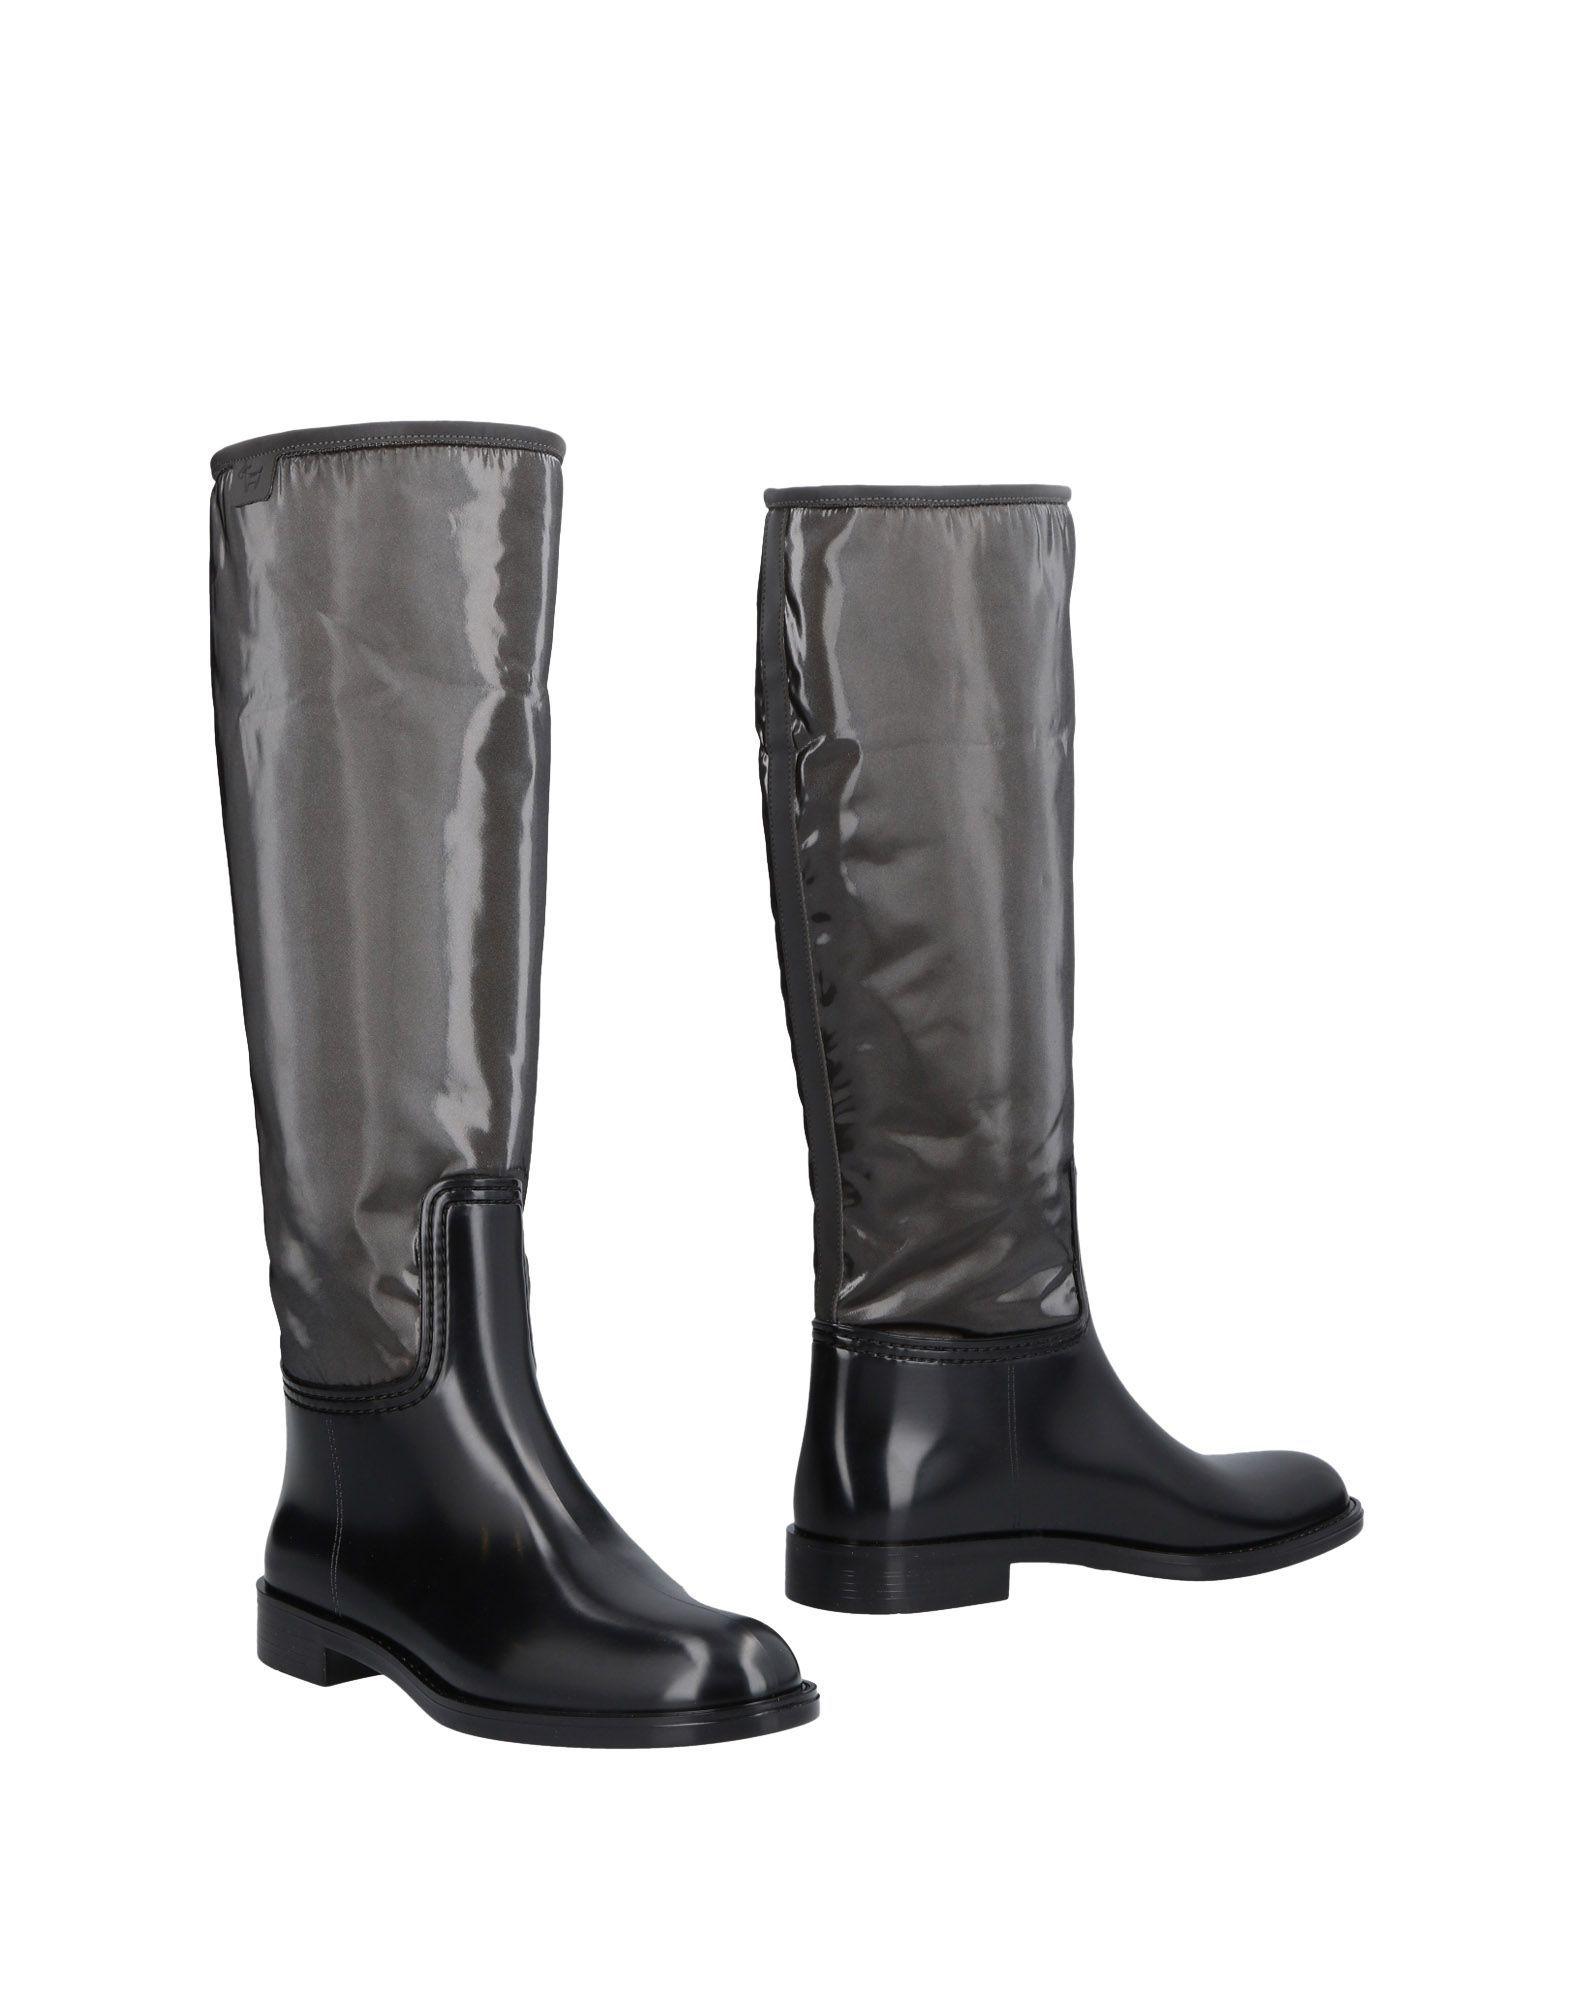 L' Autre Chose Black Knee High Boots